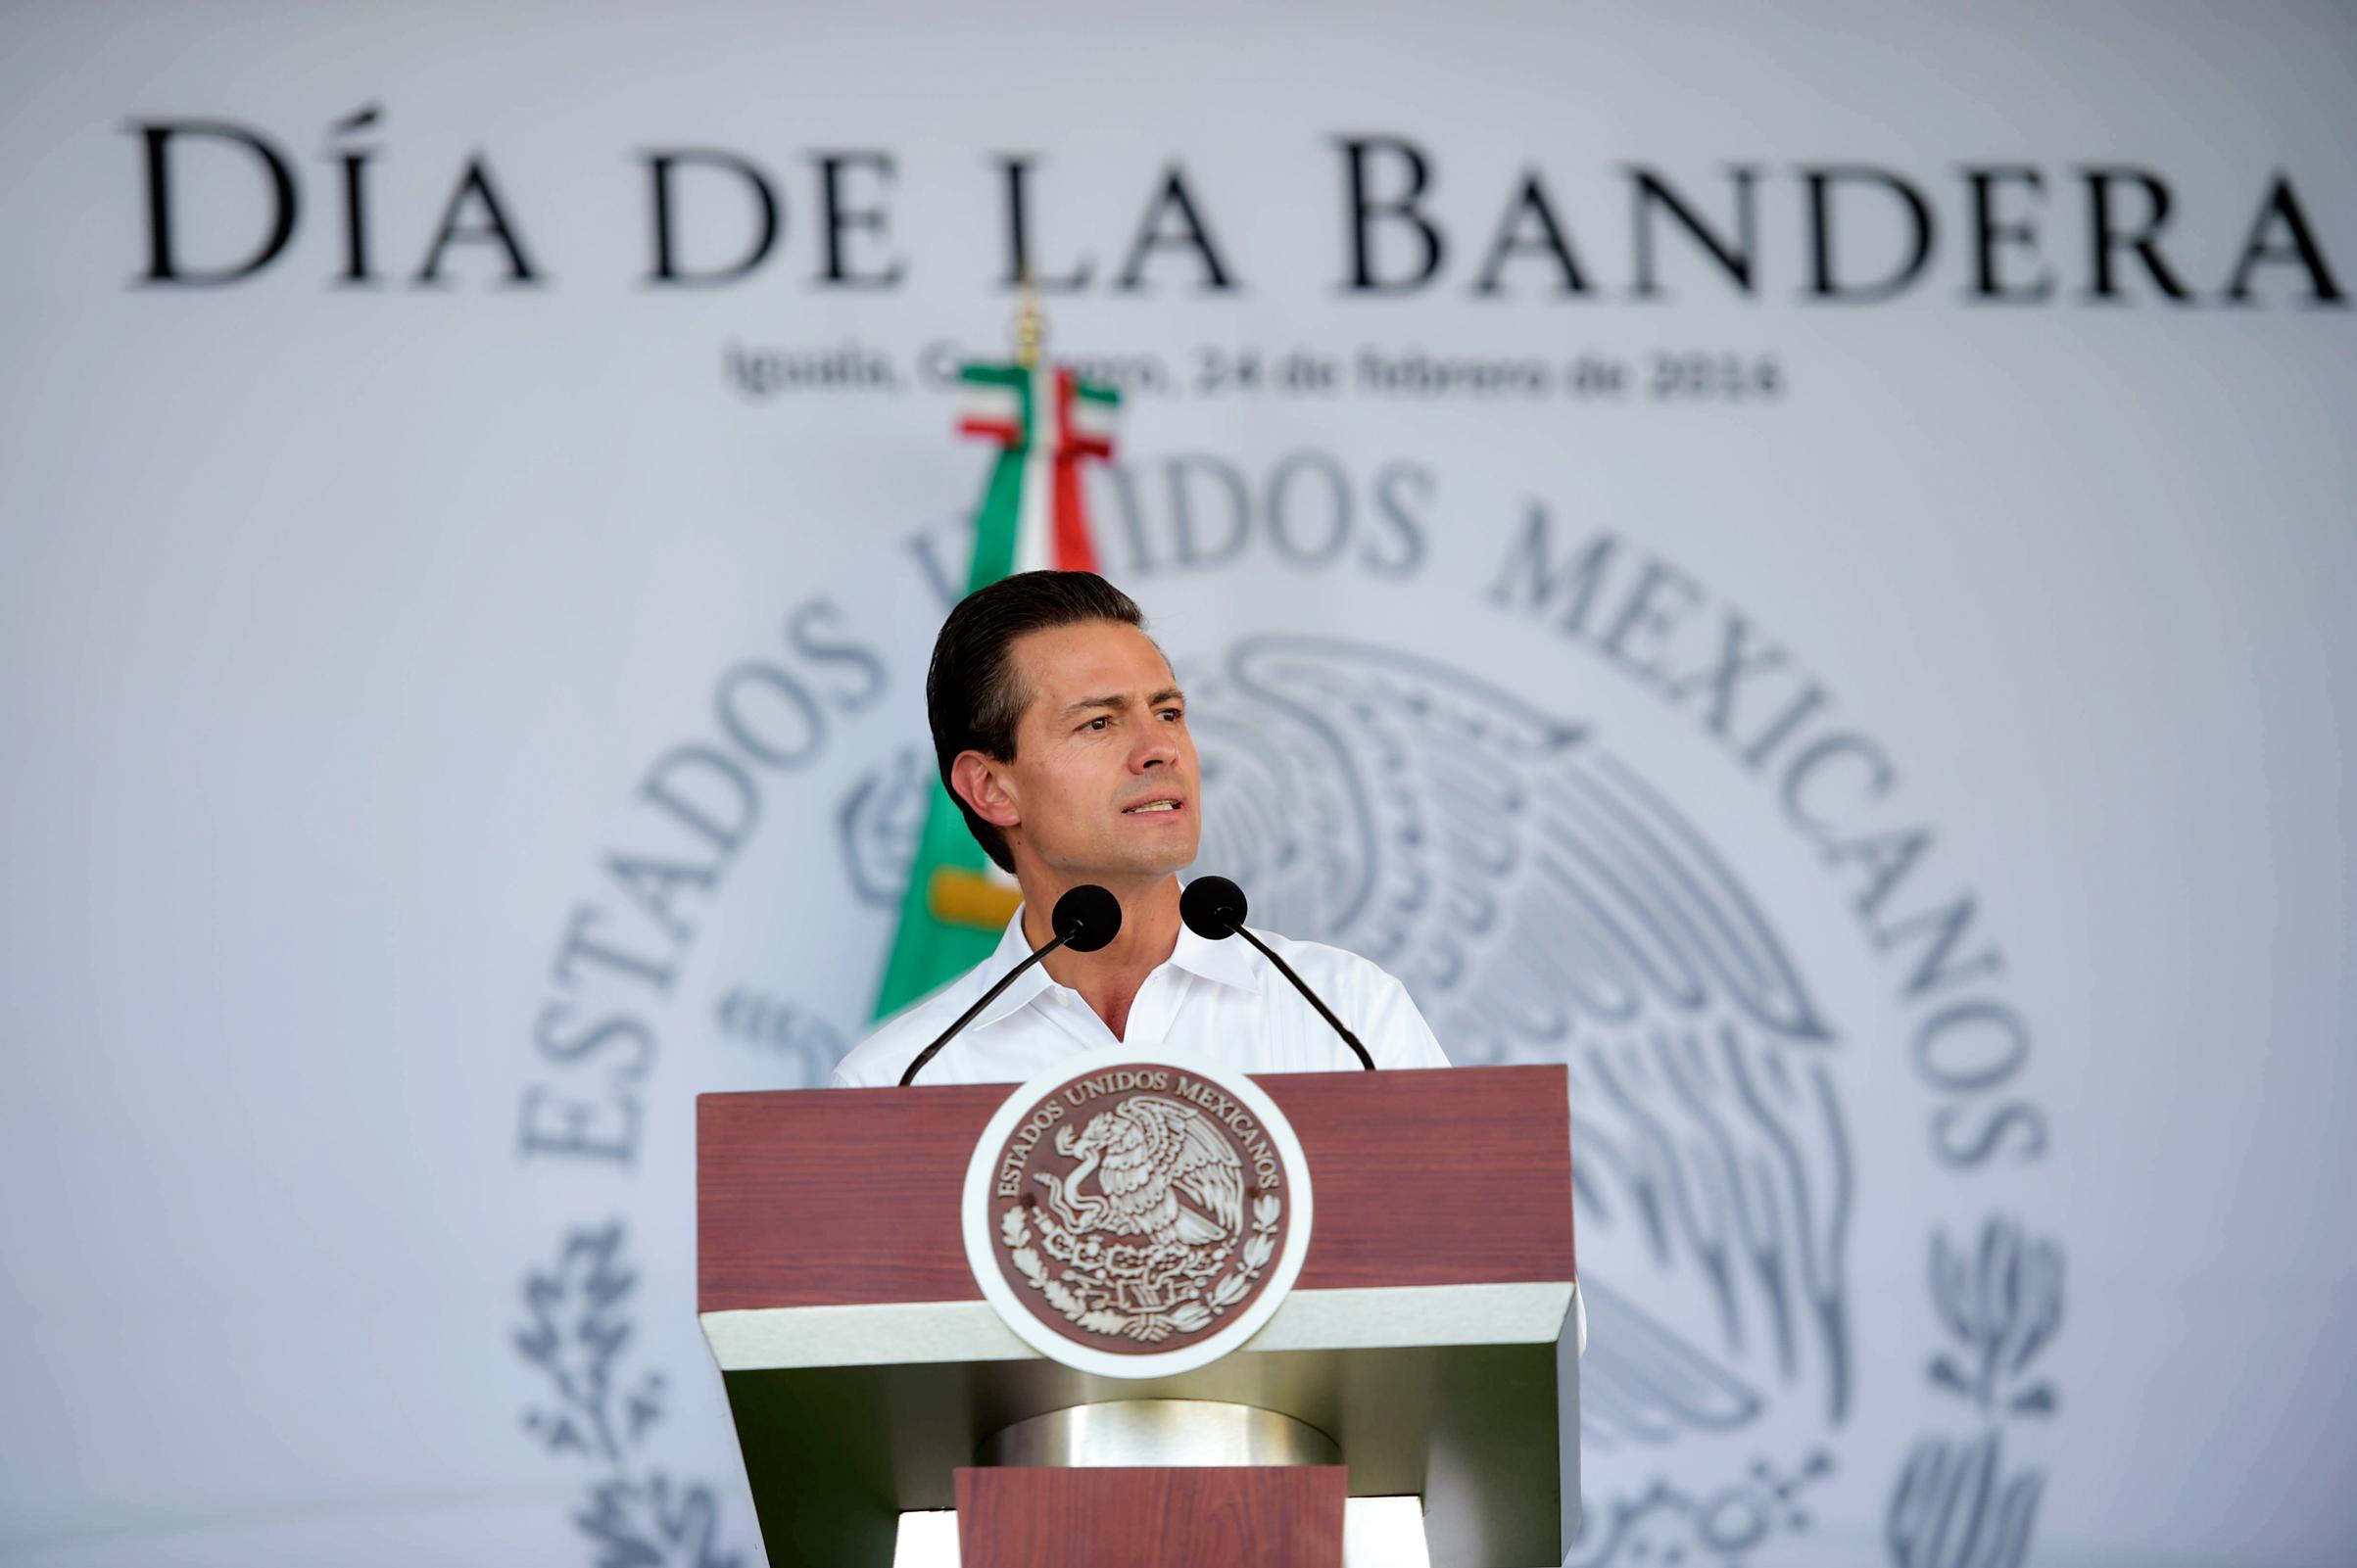 En nuestra Bandera se proyecta todo aquello que nos hace sentir orgullosamente mexicanos, señaló el Mandatario.